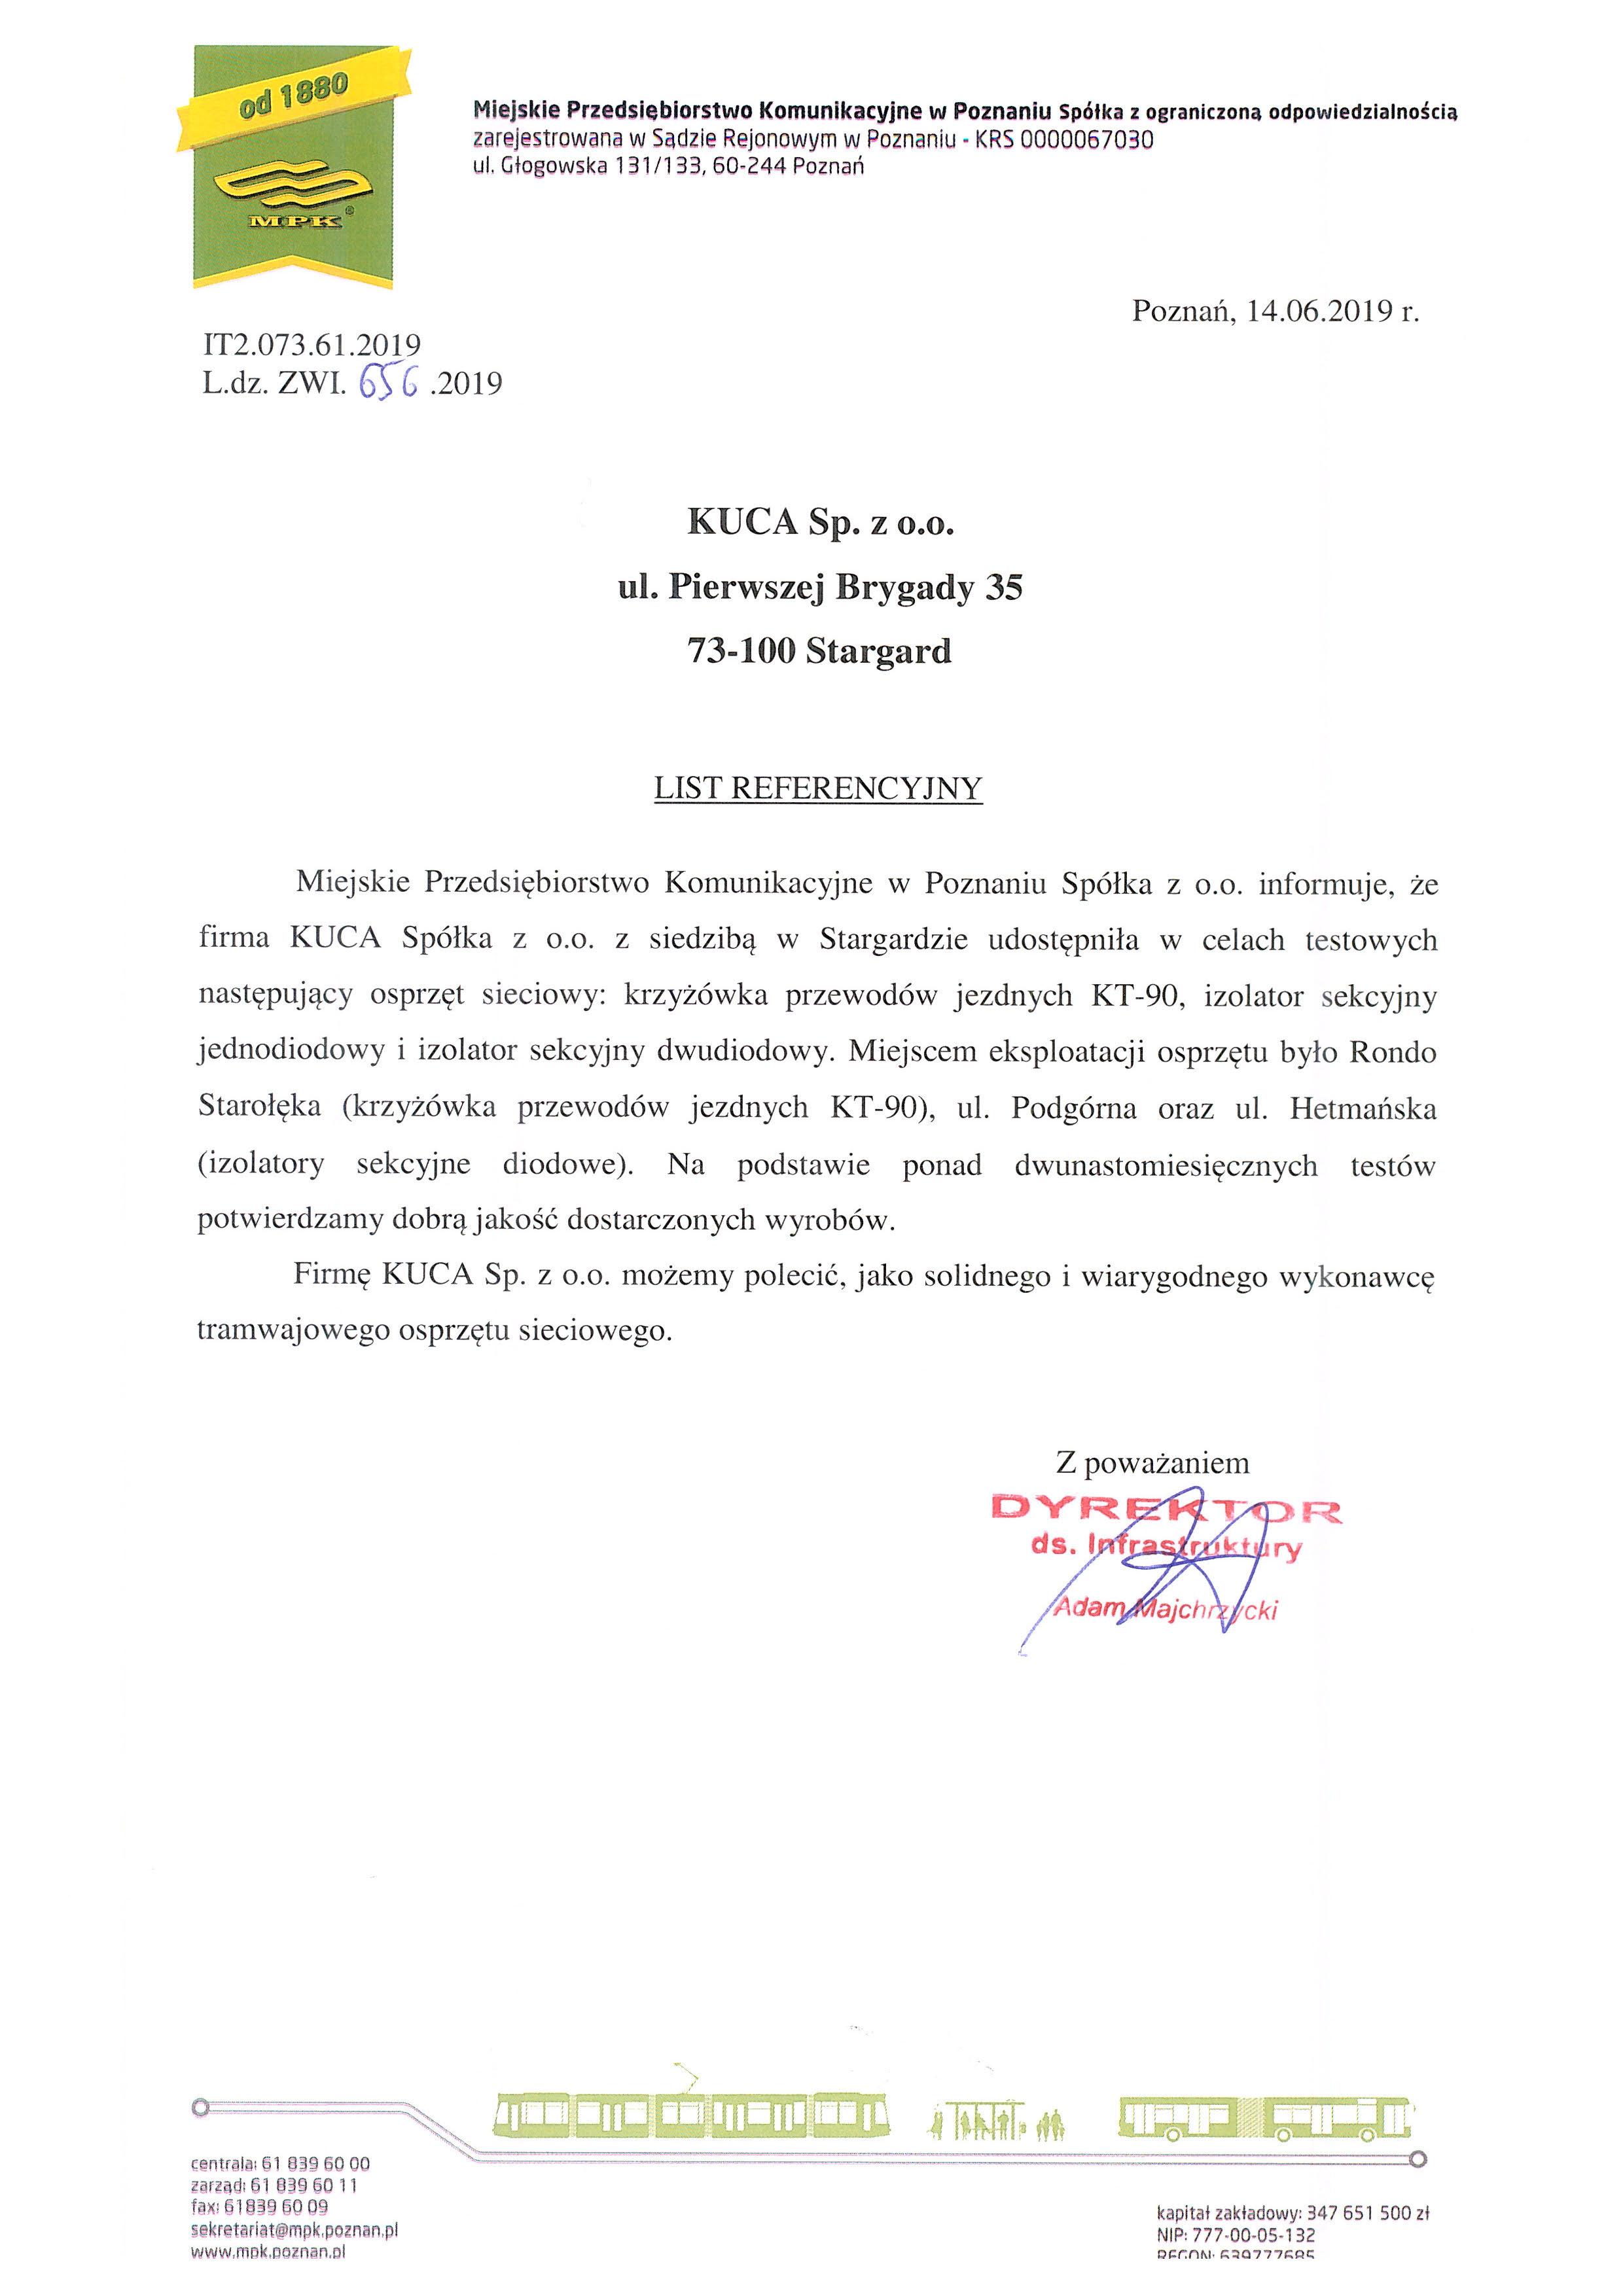 LIST REFERENCYJNY MKP w Poznaniu_14.06.2019